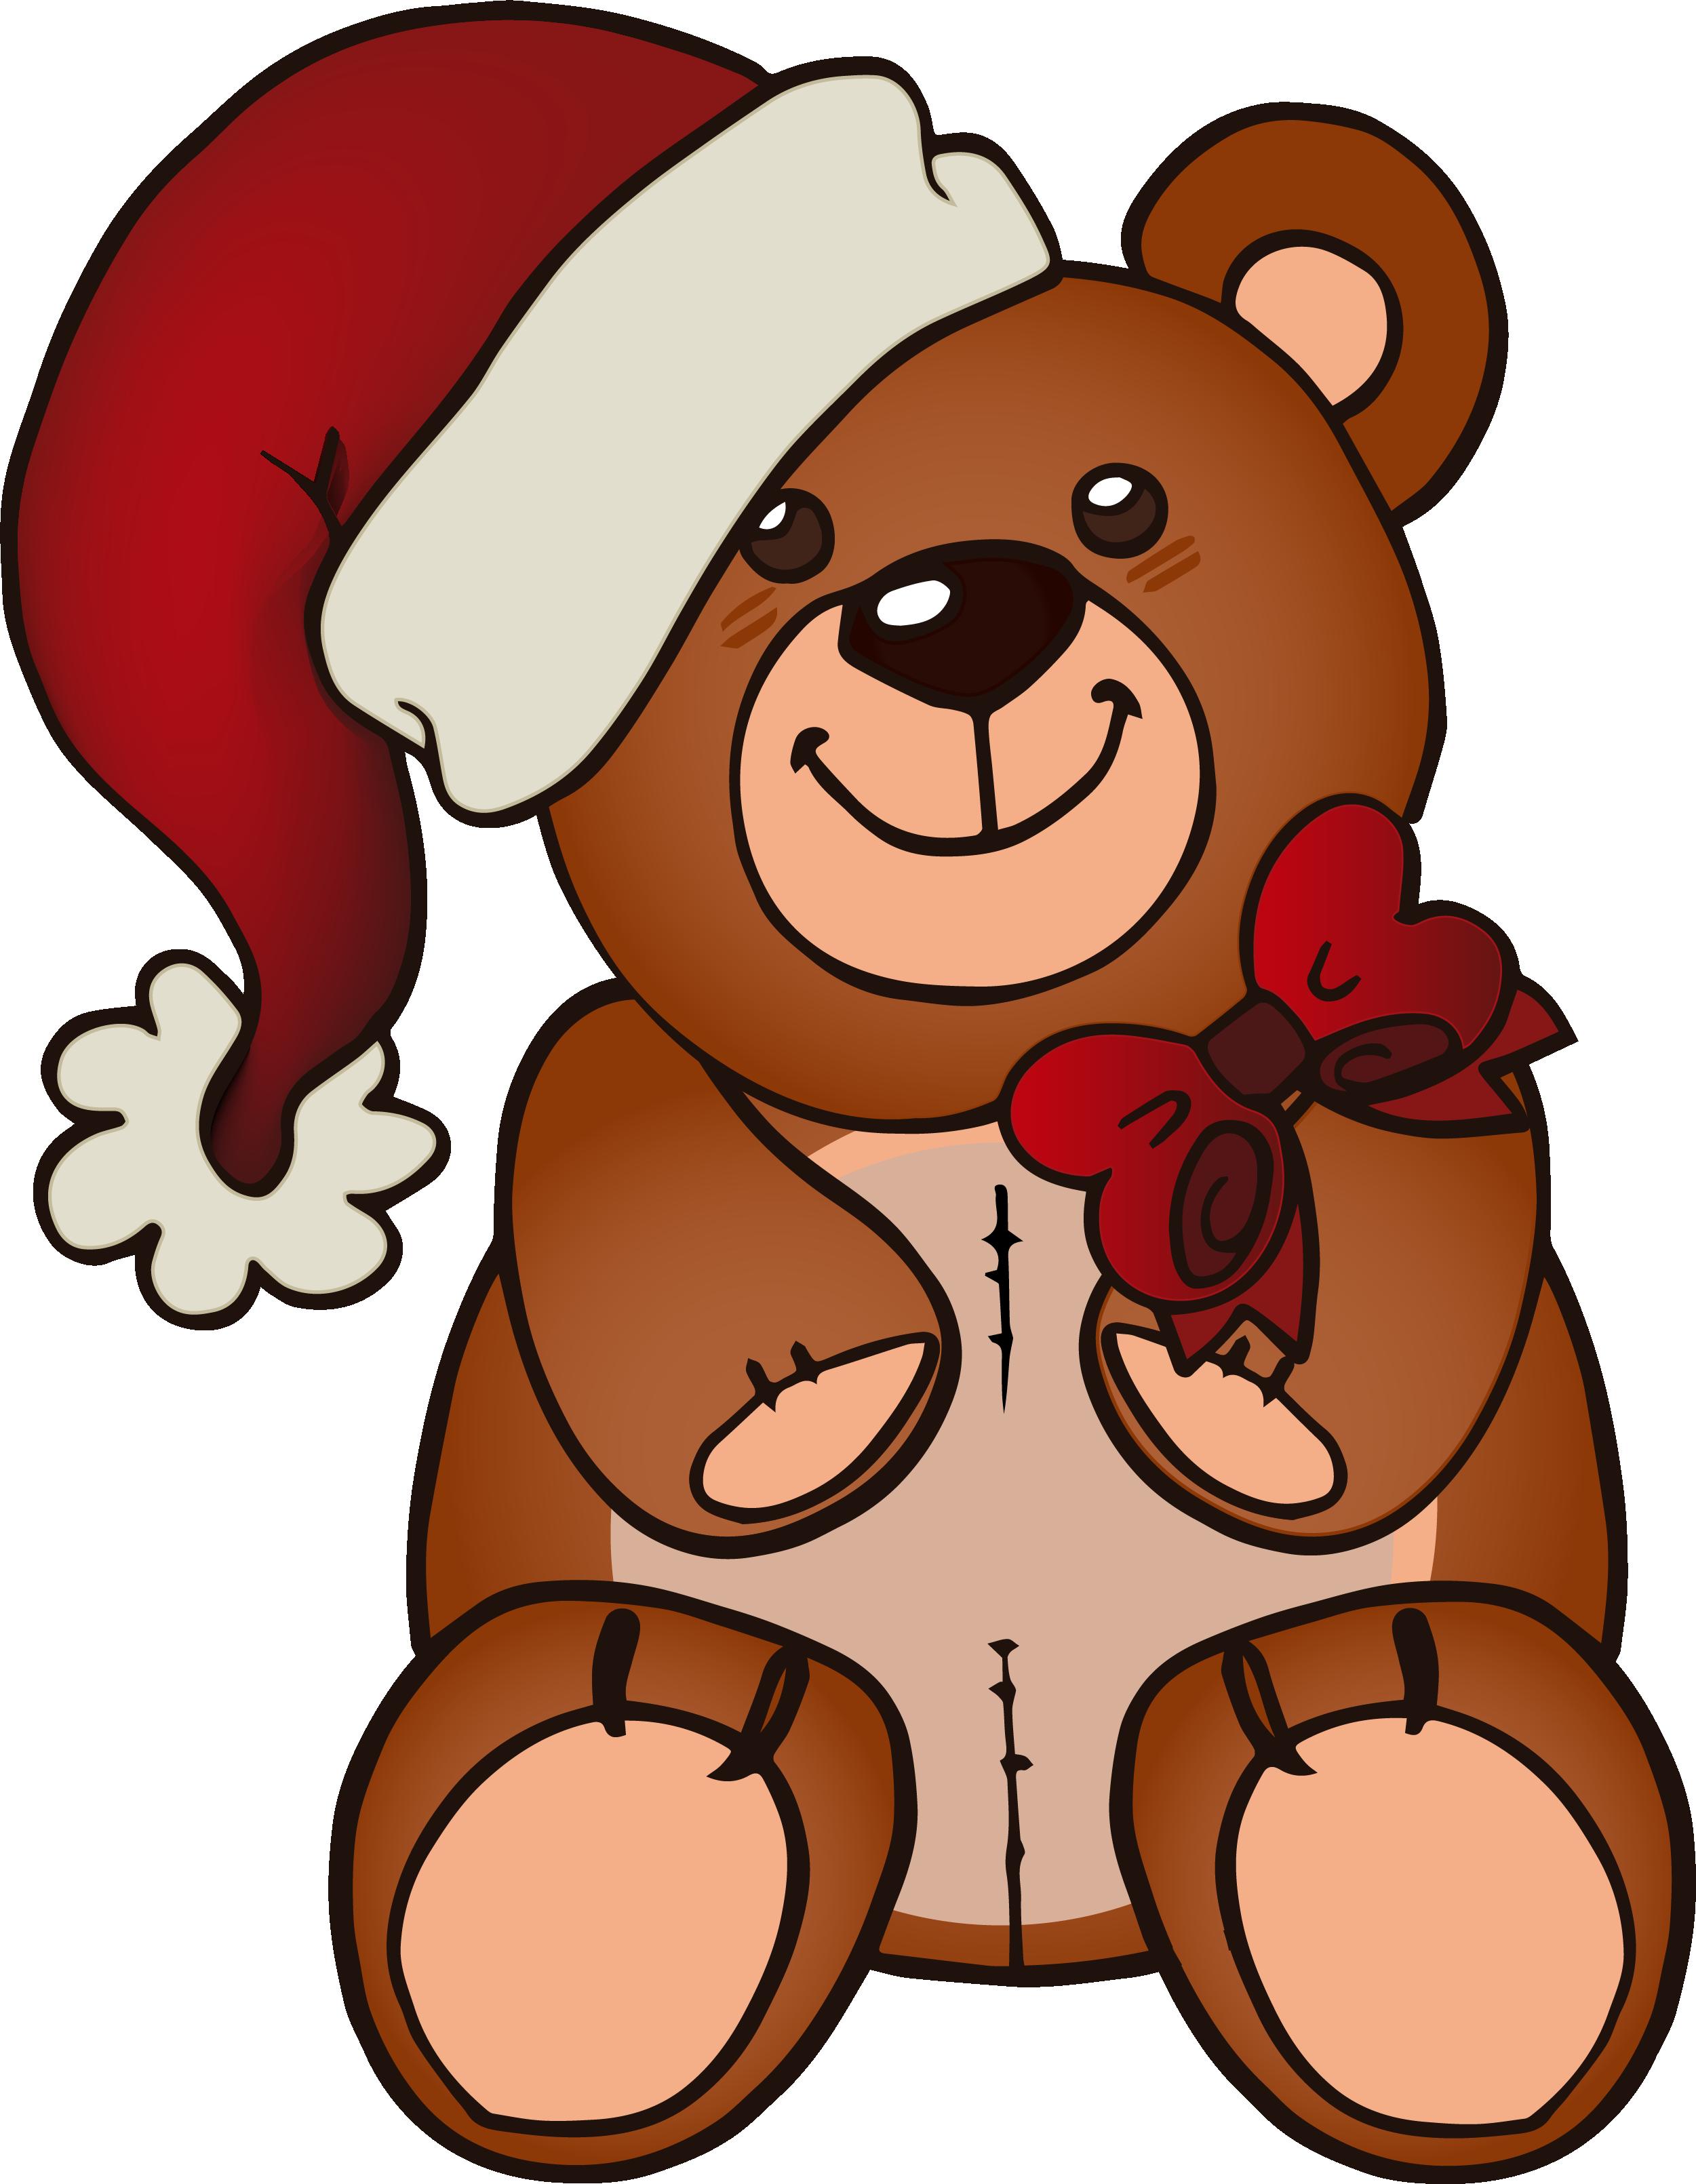 Christmas teddy bear clipart jpg transparent Teddy bear Santa Claus Christmas Hat - Cartoon brown bear 2501*3221 ... jpg transparent